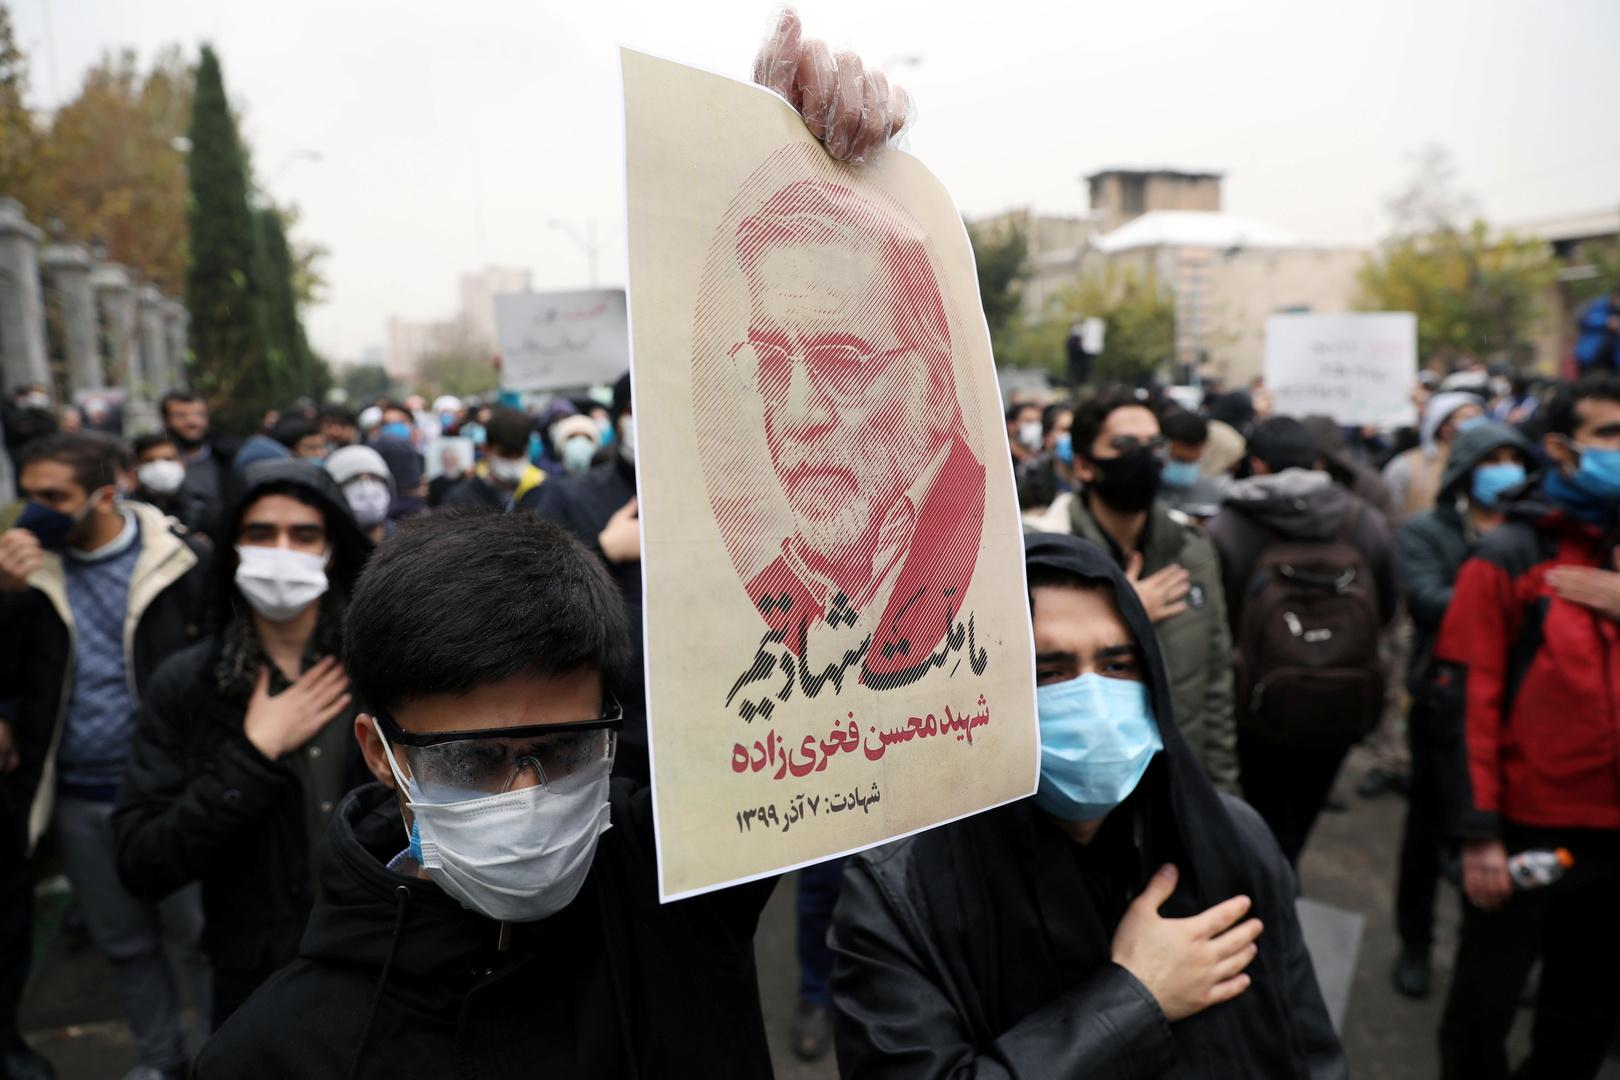 عمان تدين اغتيال العالم النووي الإيراني